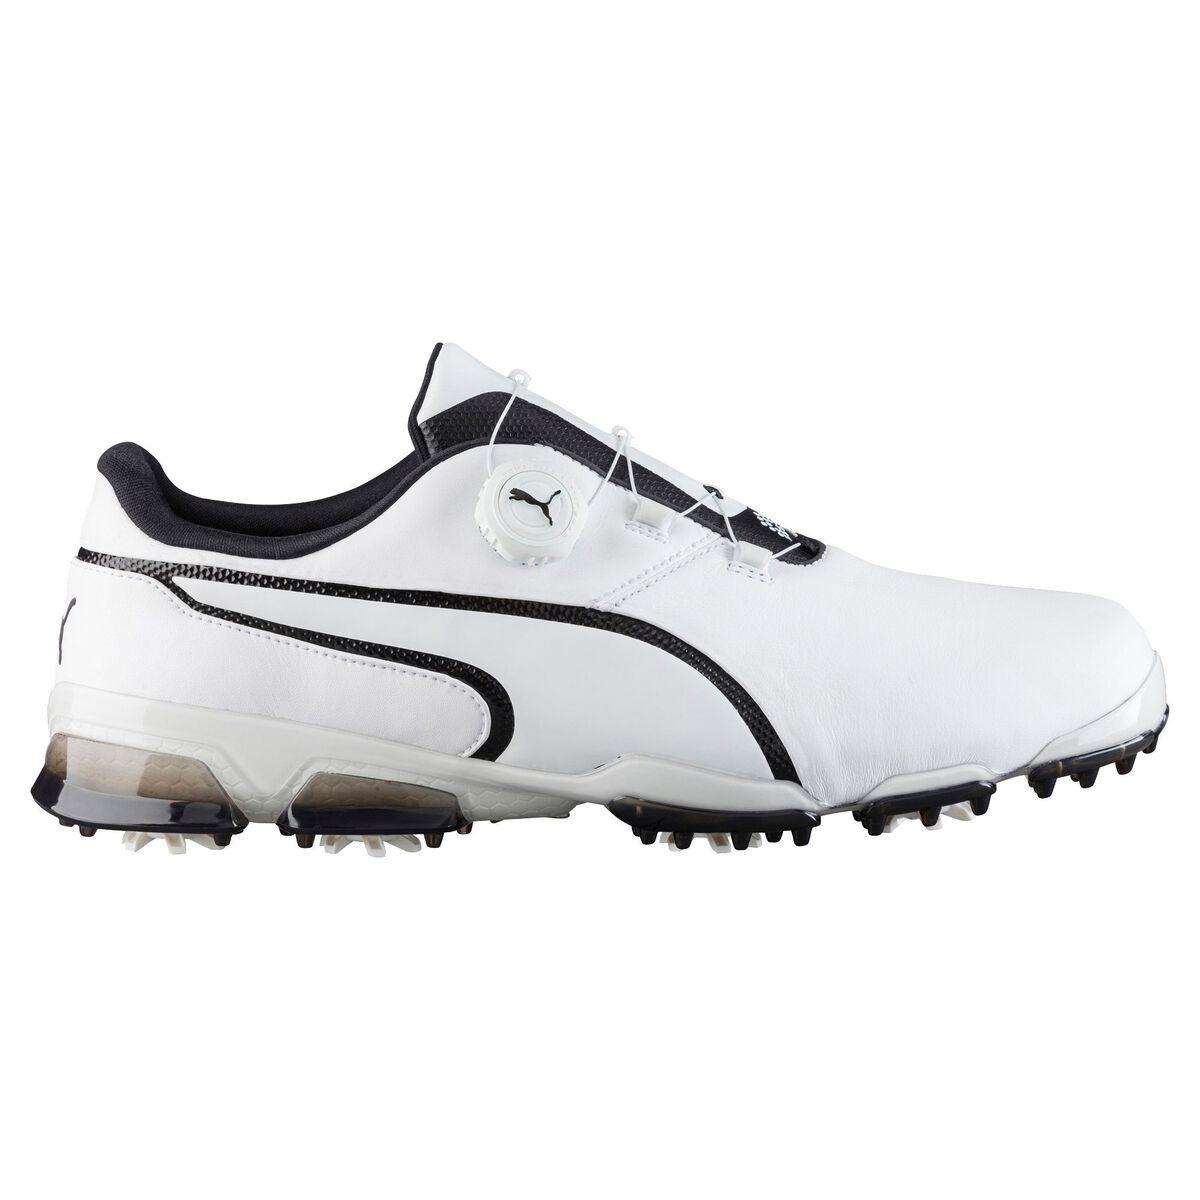 e9141b3d491cdc PUMA TITANTOUR Ignite Disc Men s Golf Shoe - White Black